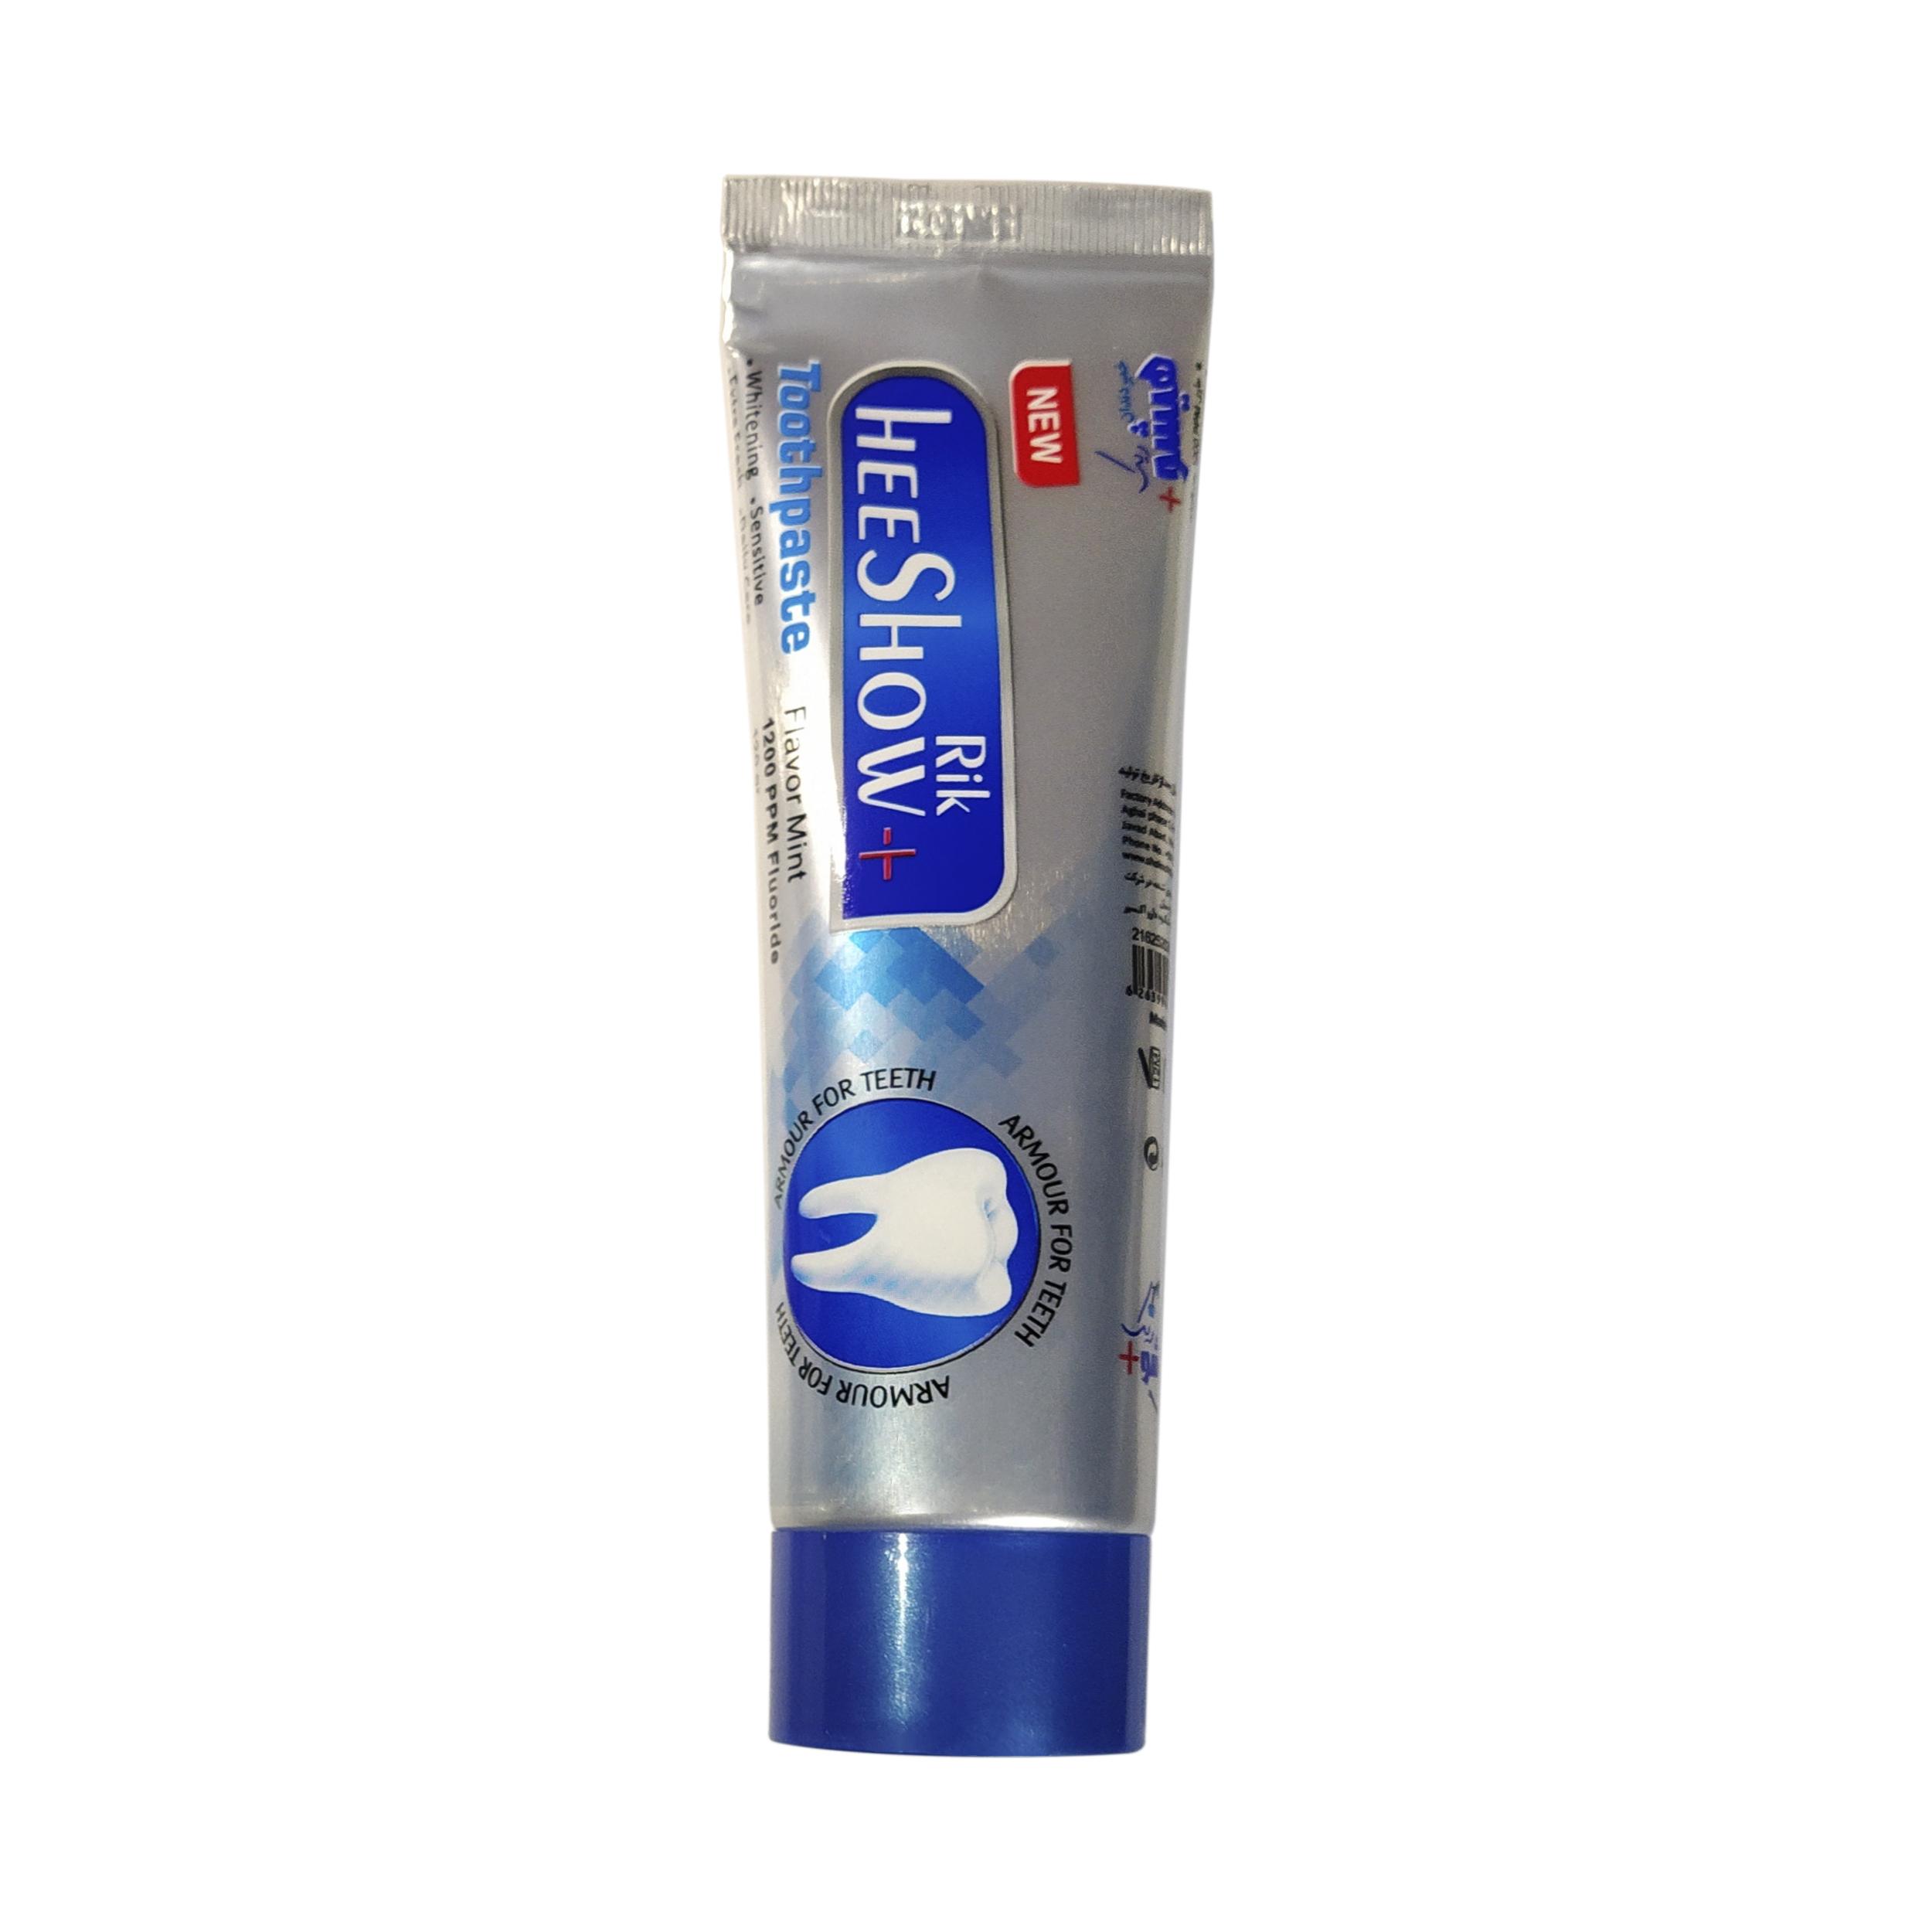 خمیر دندان هیشو ریک مدل Flavor mint وزن  120 گرم